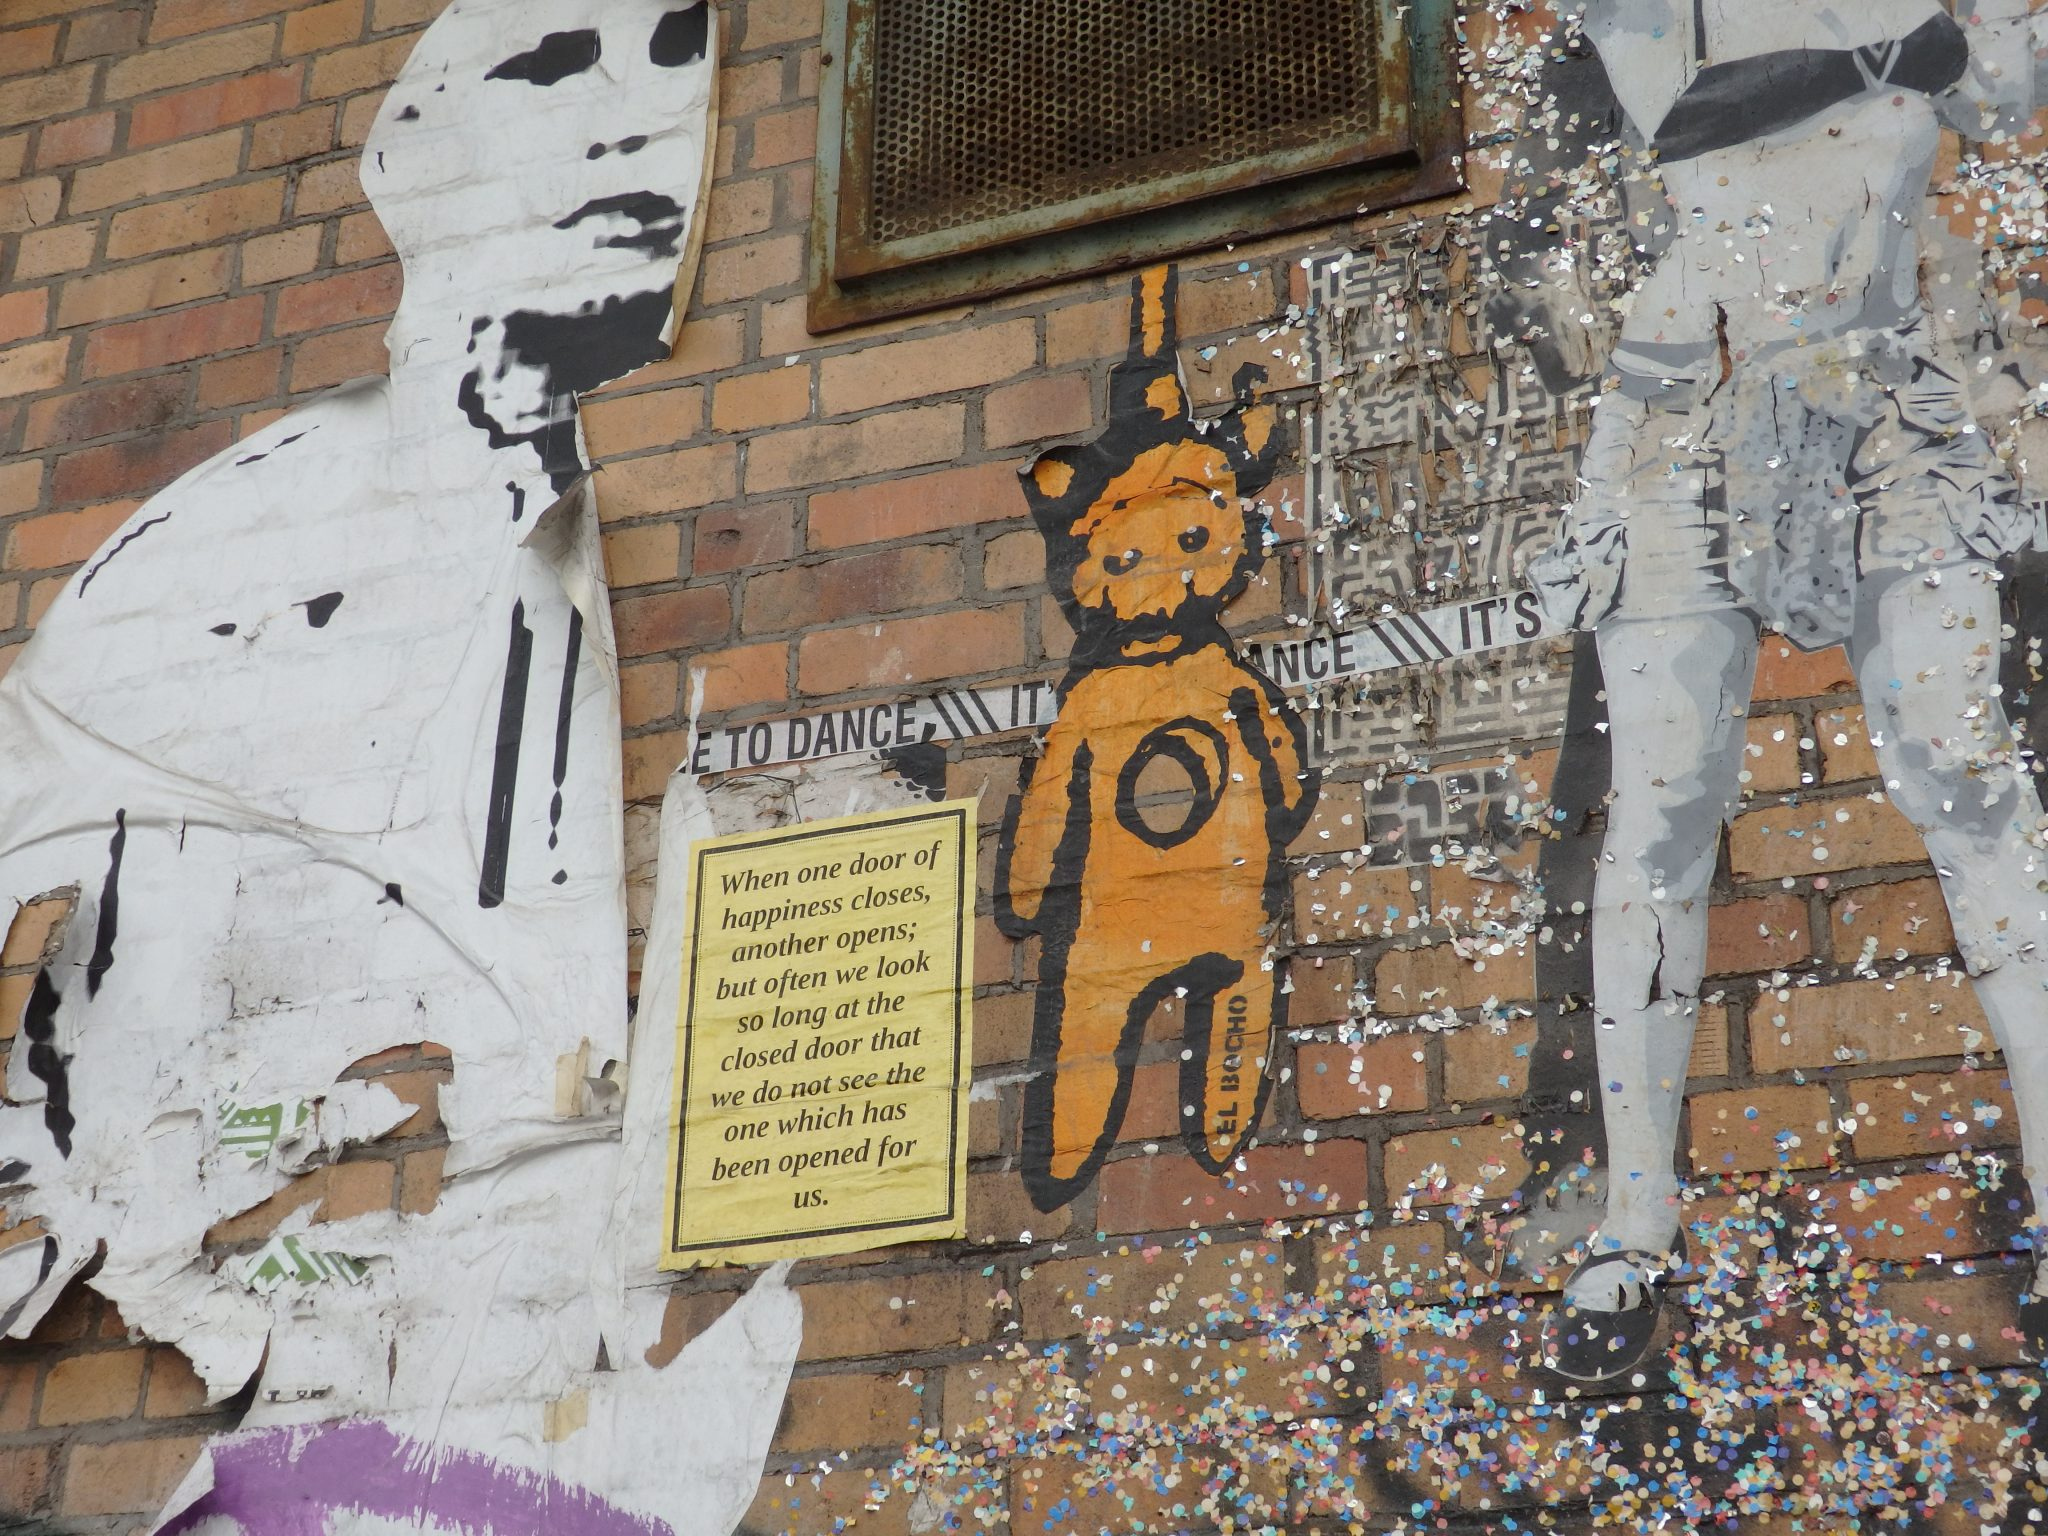 street art by El Bocho in Berlin